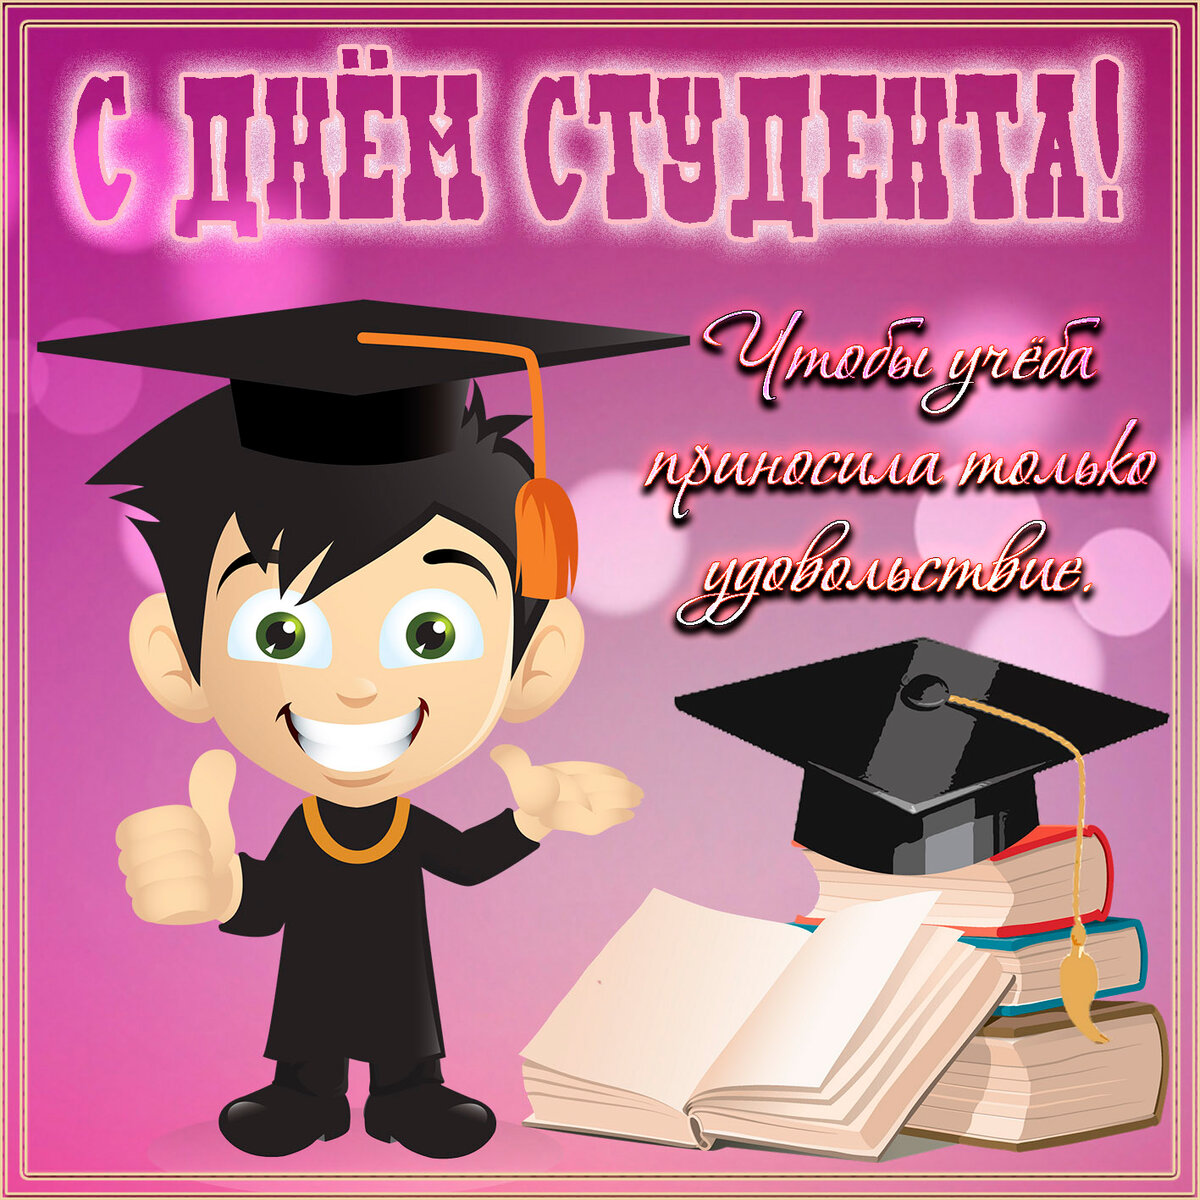 Поздравление с днем студента в стихах сыну